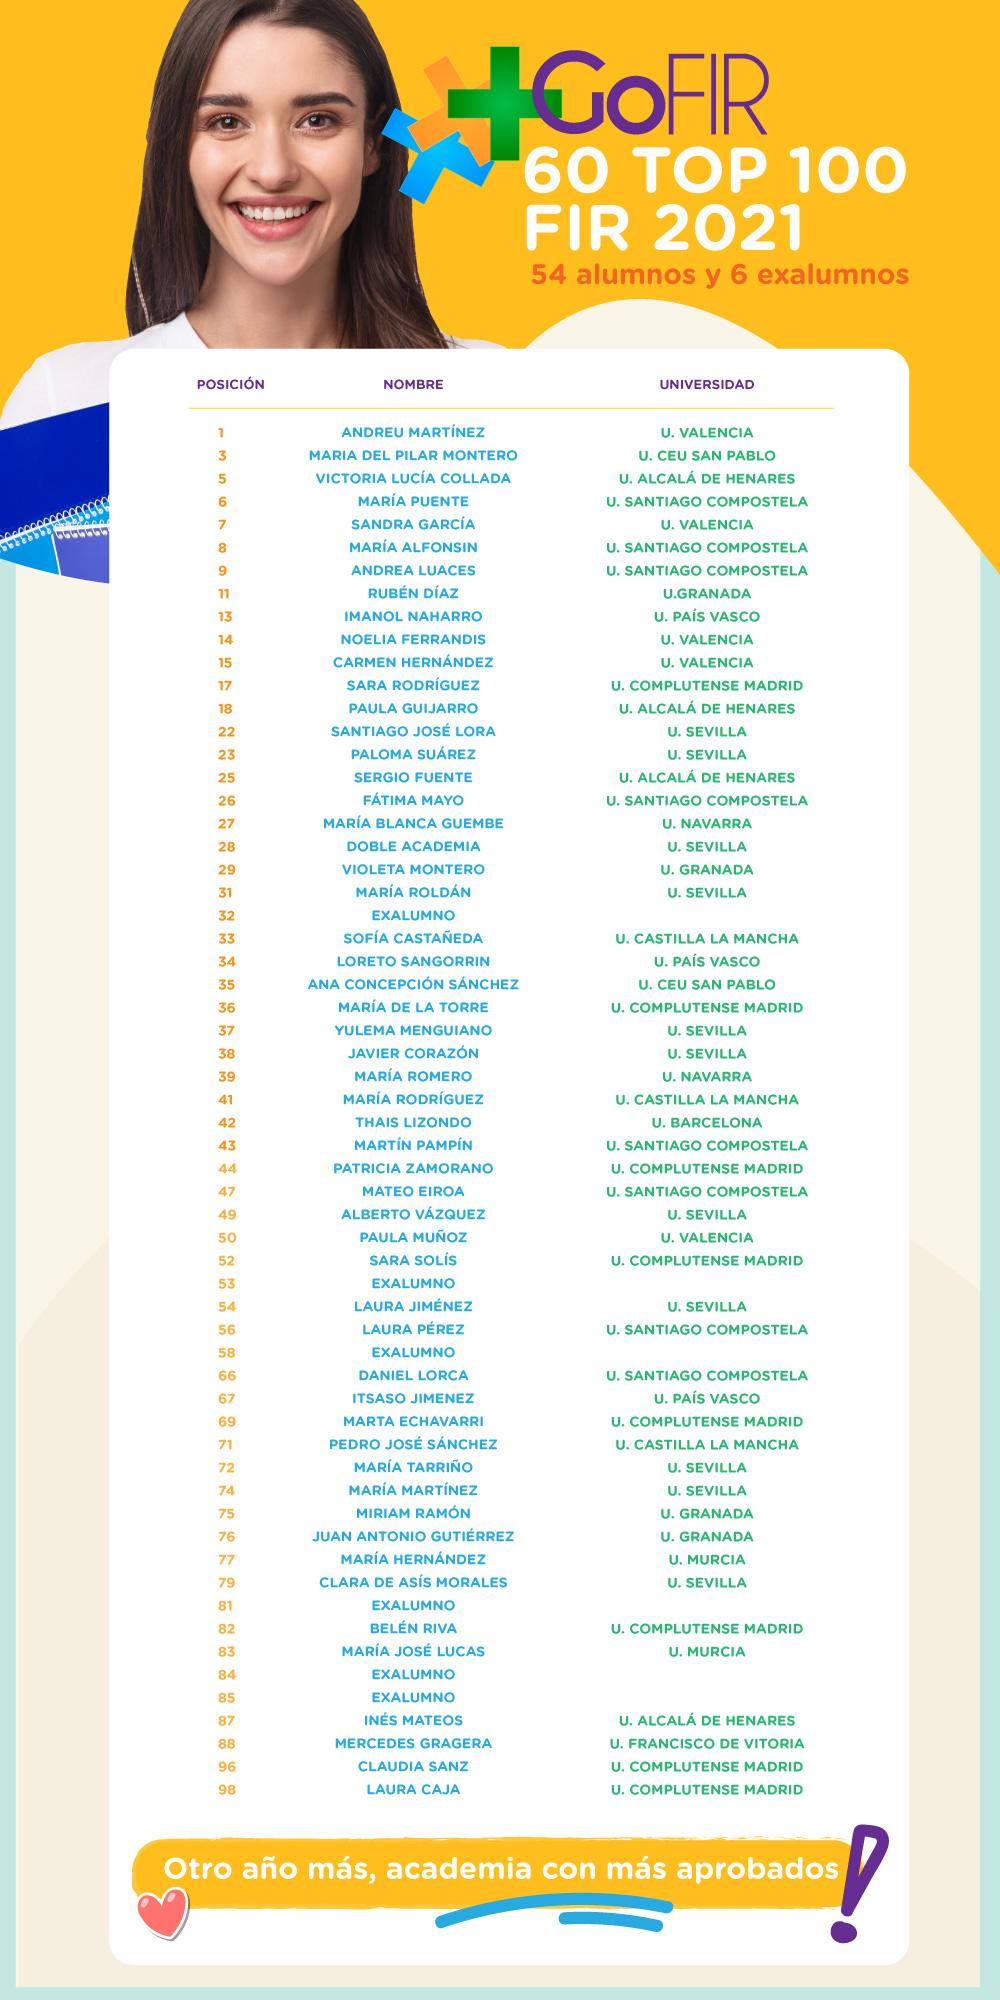 Más del 50 del TOP 100 en FIR 2021 son GoFIR.